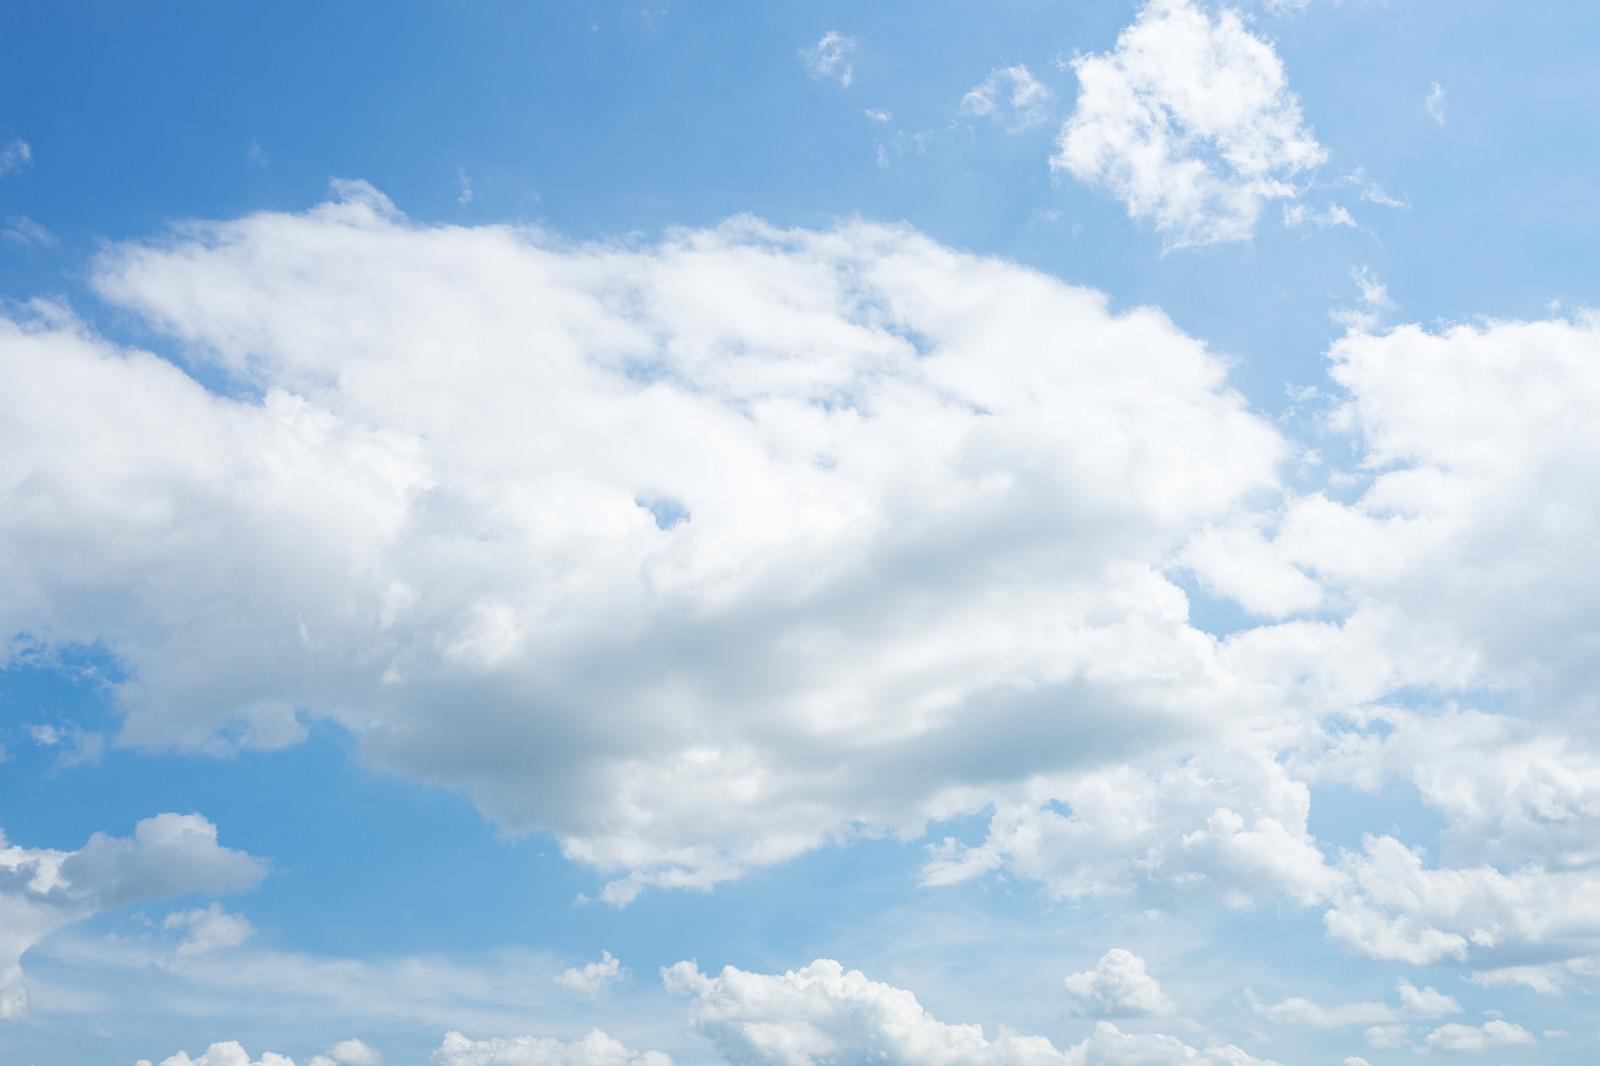 「雲と青空の様子」の写真